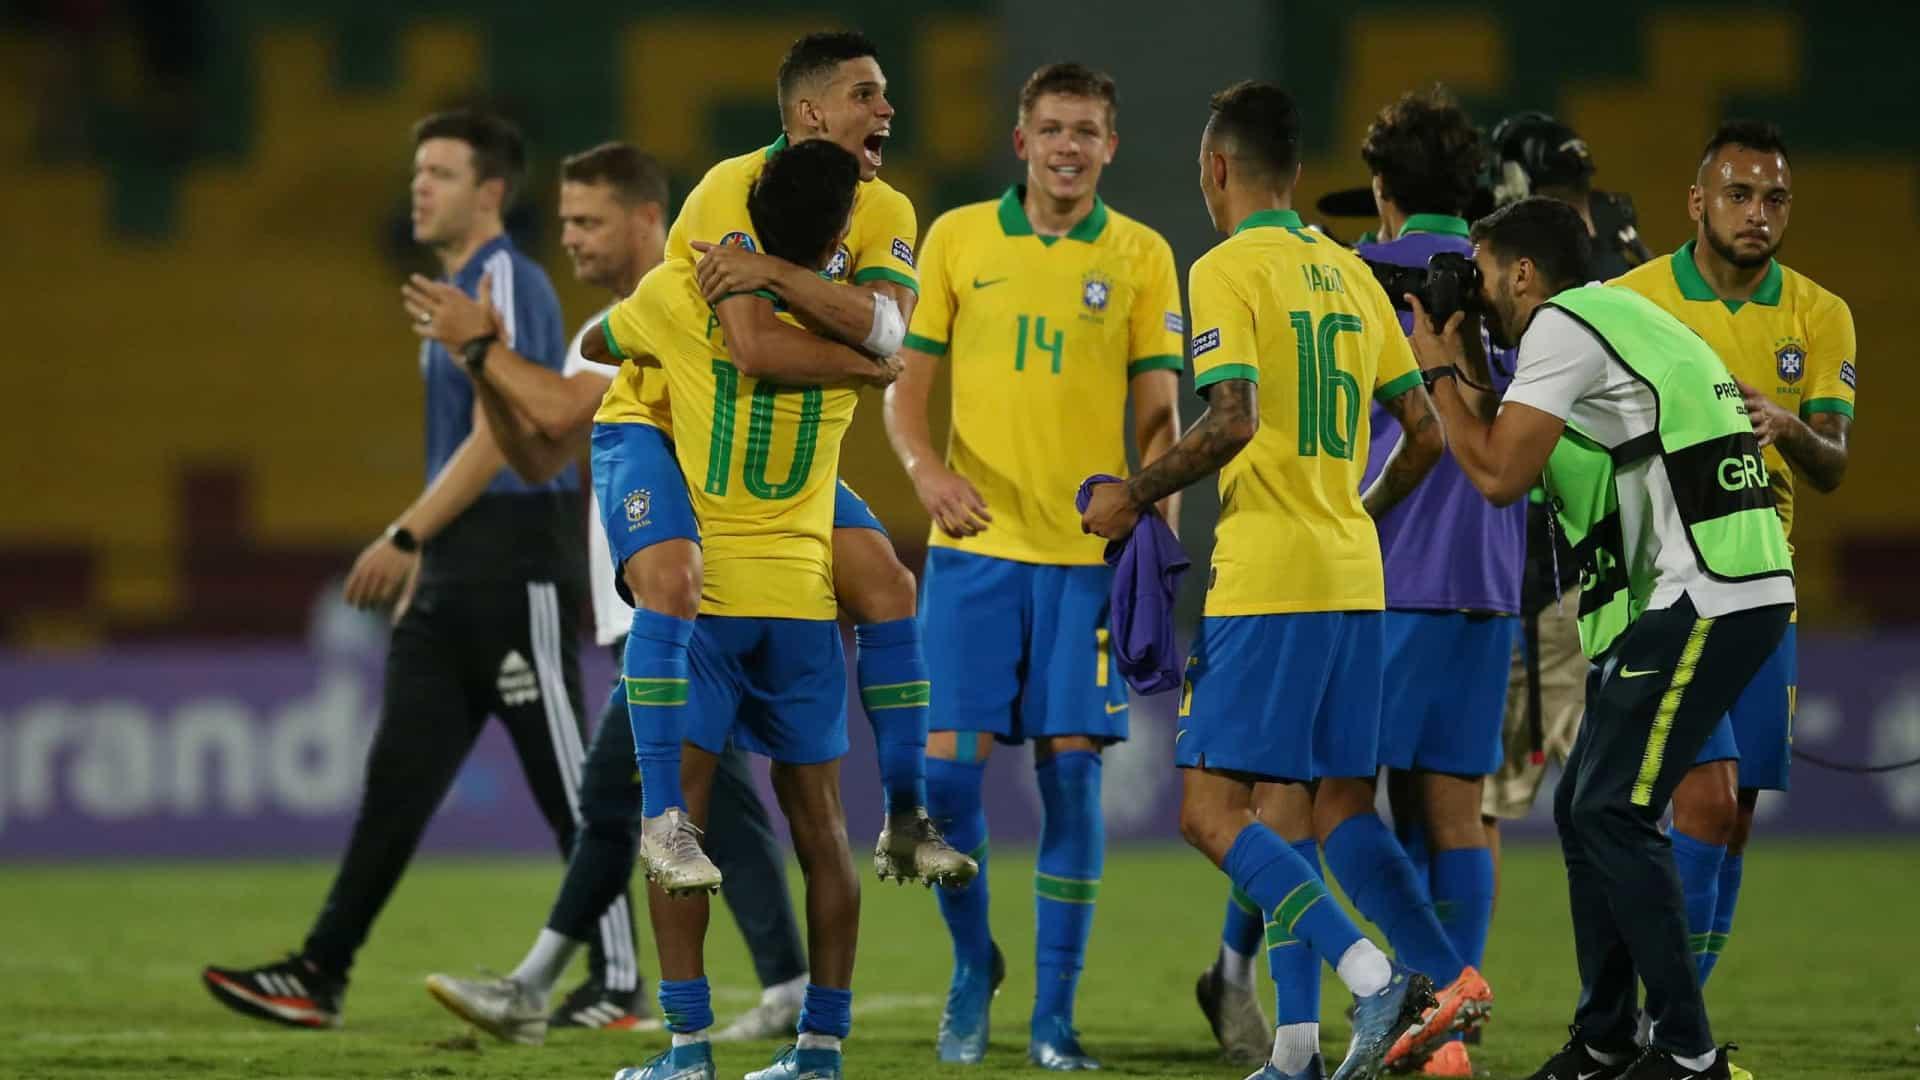 Com o resultado, a equipe formada por jogadores de até 23 anos chegou aos 5 pontos e terminou o quadrangular final do Pré-Olímpico na segunda colocação, atrás justamente da Argentina, que permaneceu com 6.